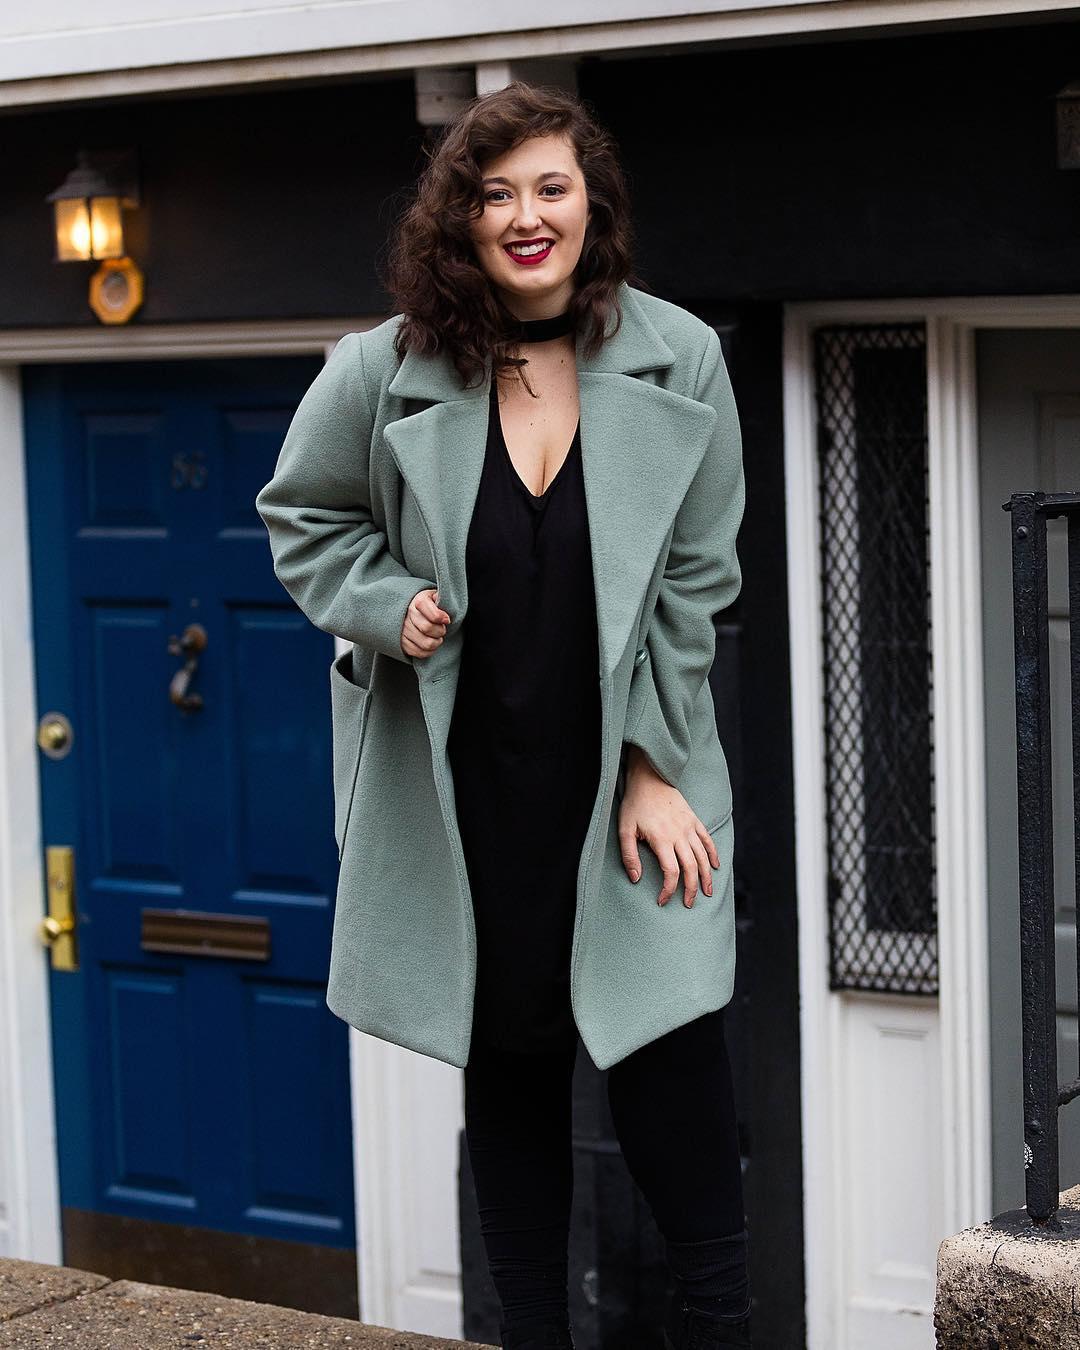 Эти 5 моделей пальто будто созданы для женщин с пышными формами